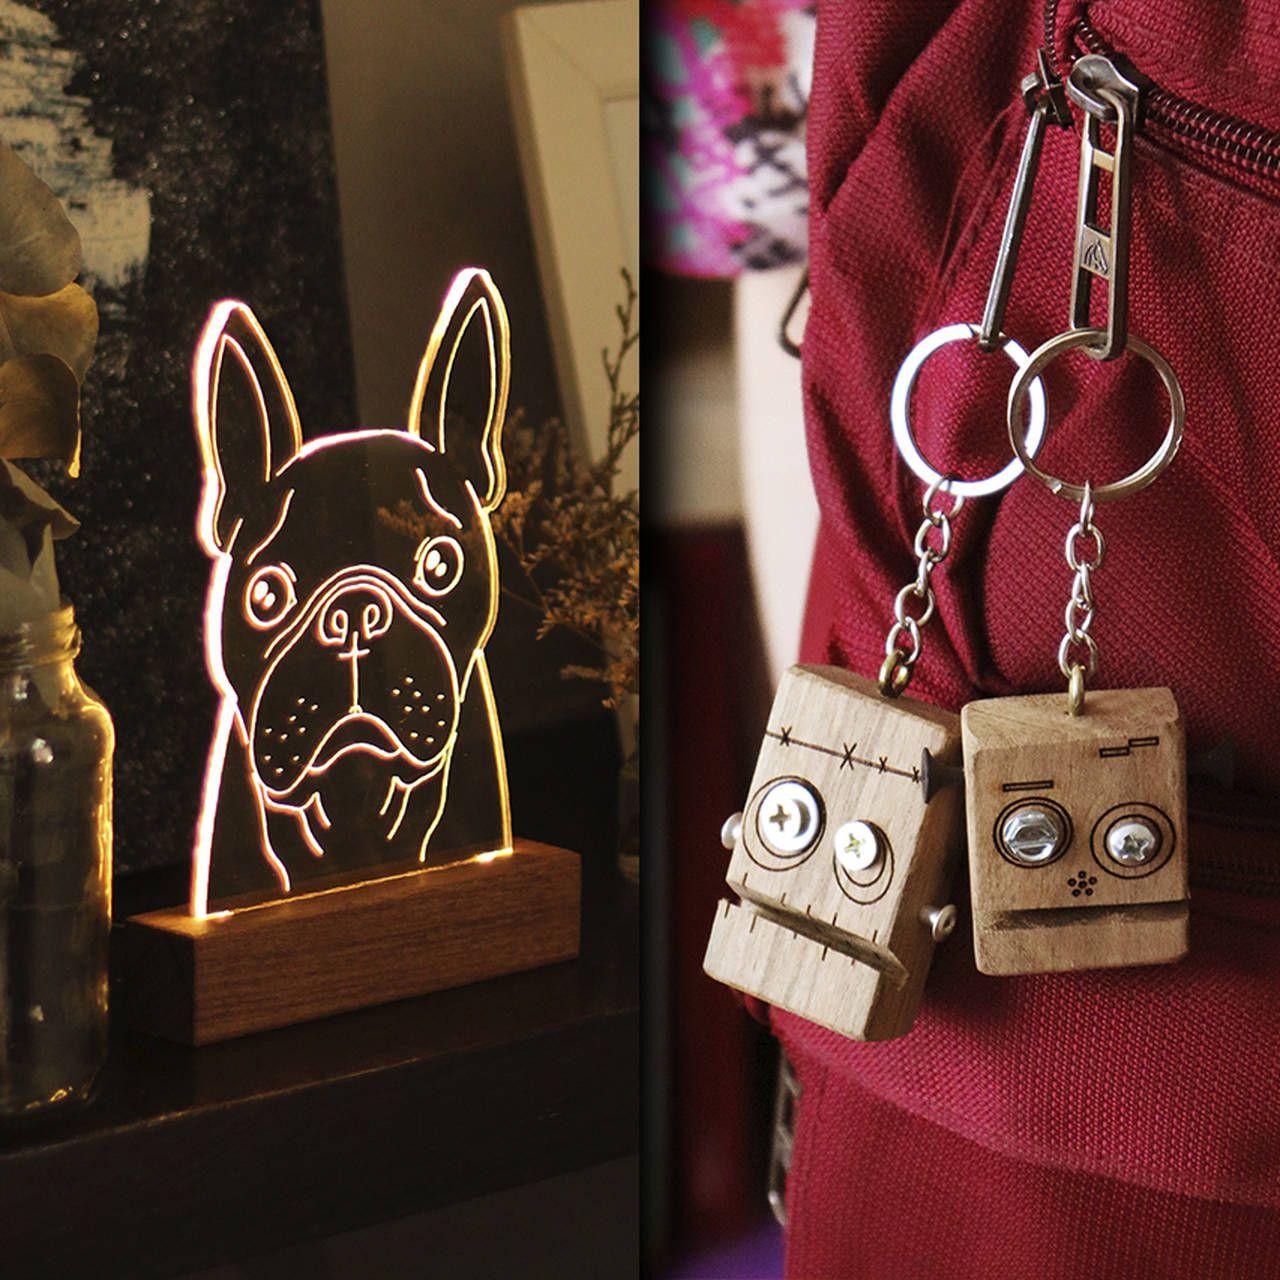 Kit Dia dos Namorados - 1 luminária Buldogue Francês + 2 chaveiros